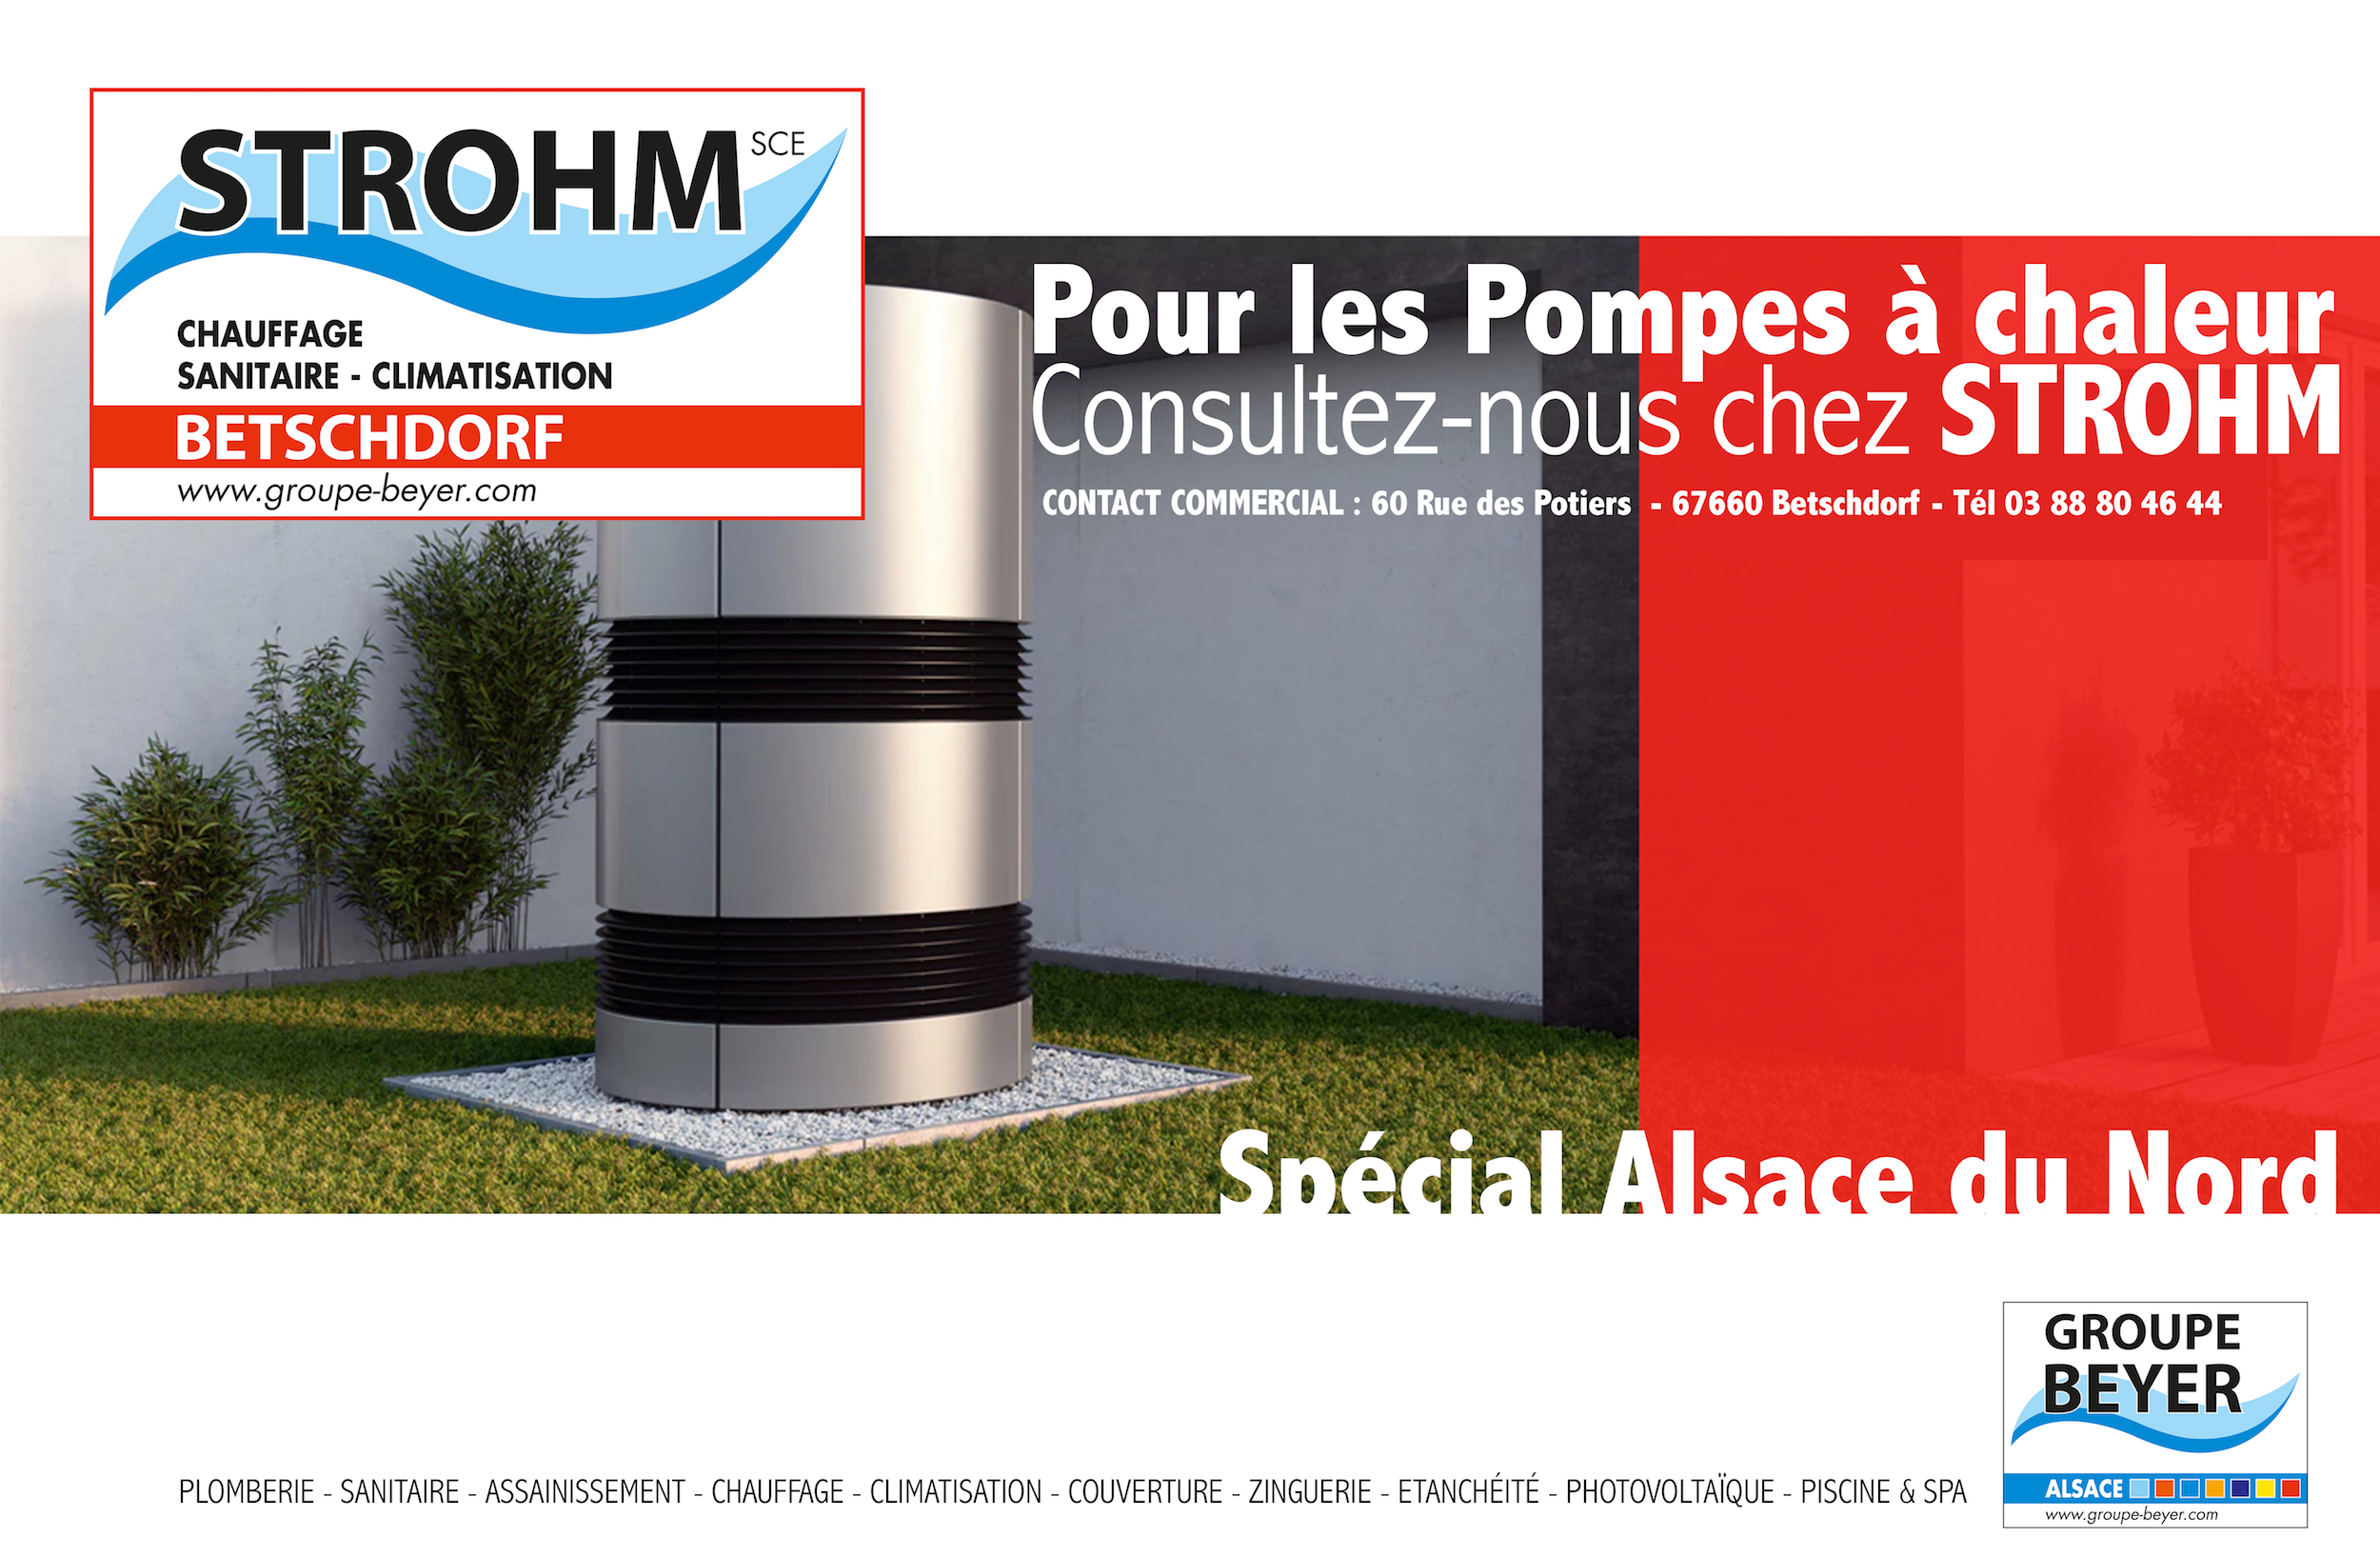 strohm_betschdorf_groupe_beyer_sanitaire_ventilation_couverture_1666_pompes_a_chaleurs_strohm